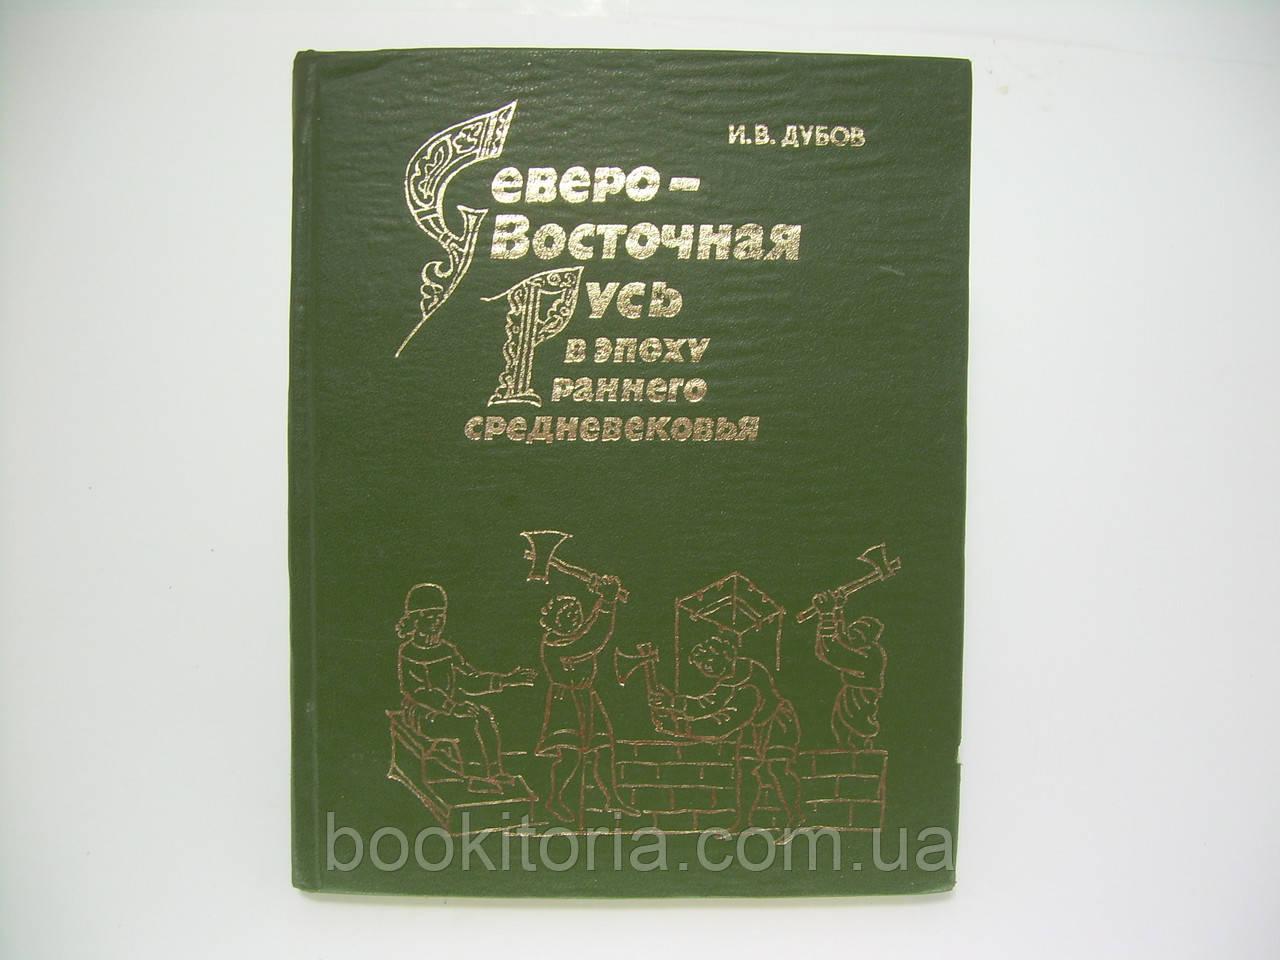 Дубов И.В. Северо-Восточная Русь в эпоху раннего средневековья (б/у).